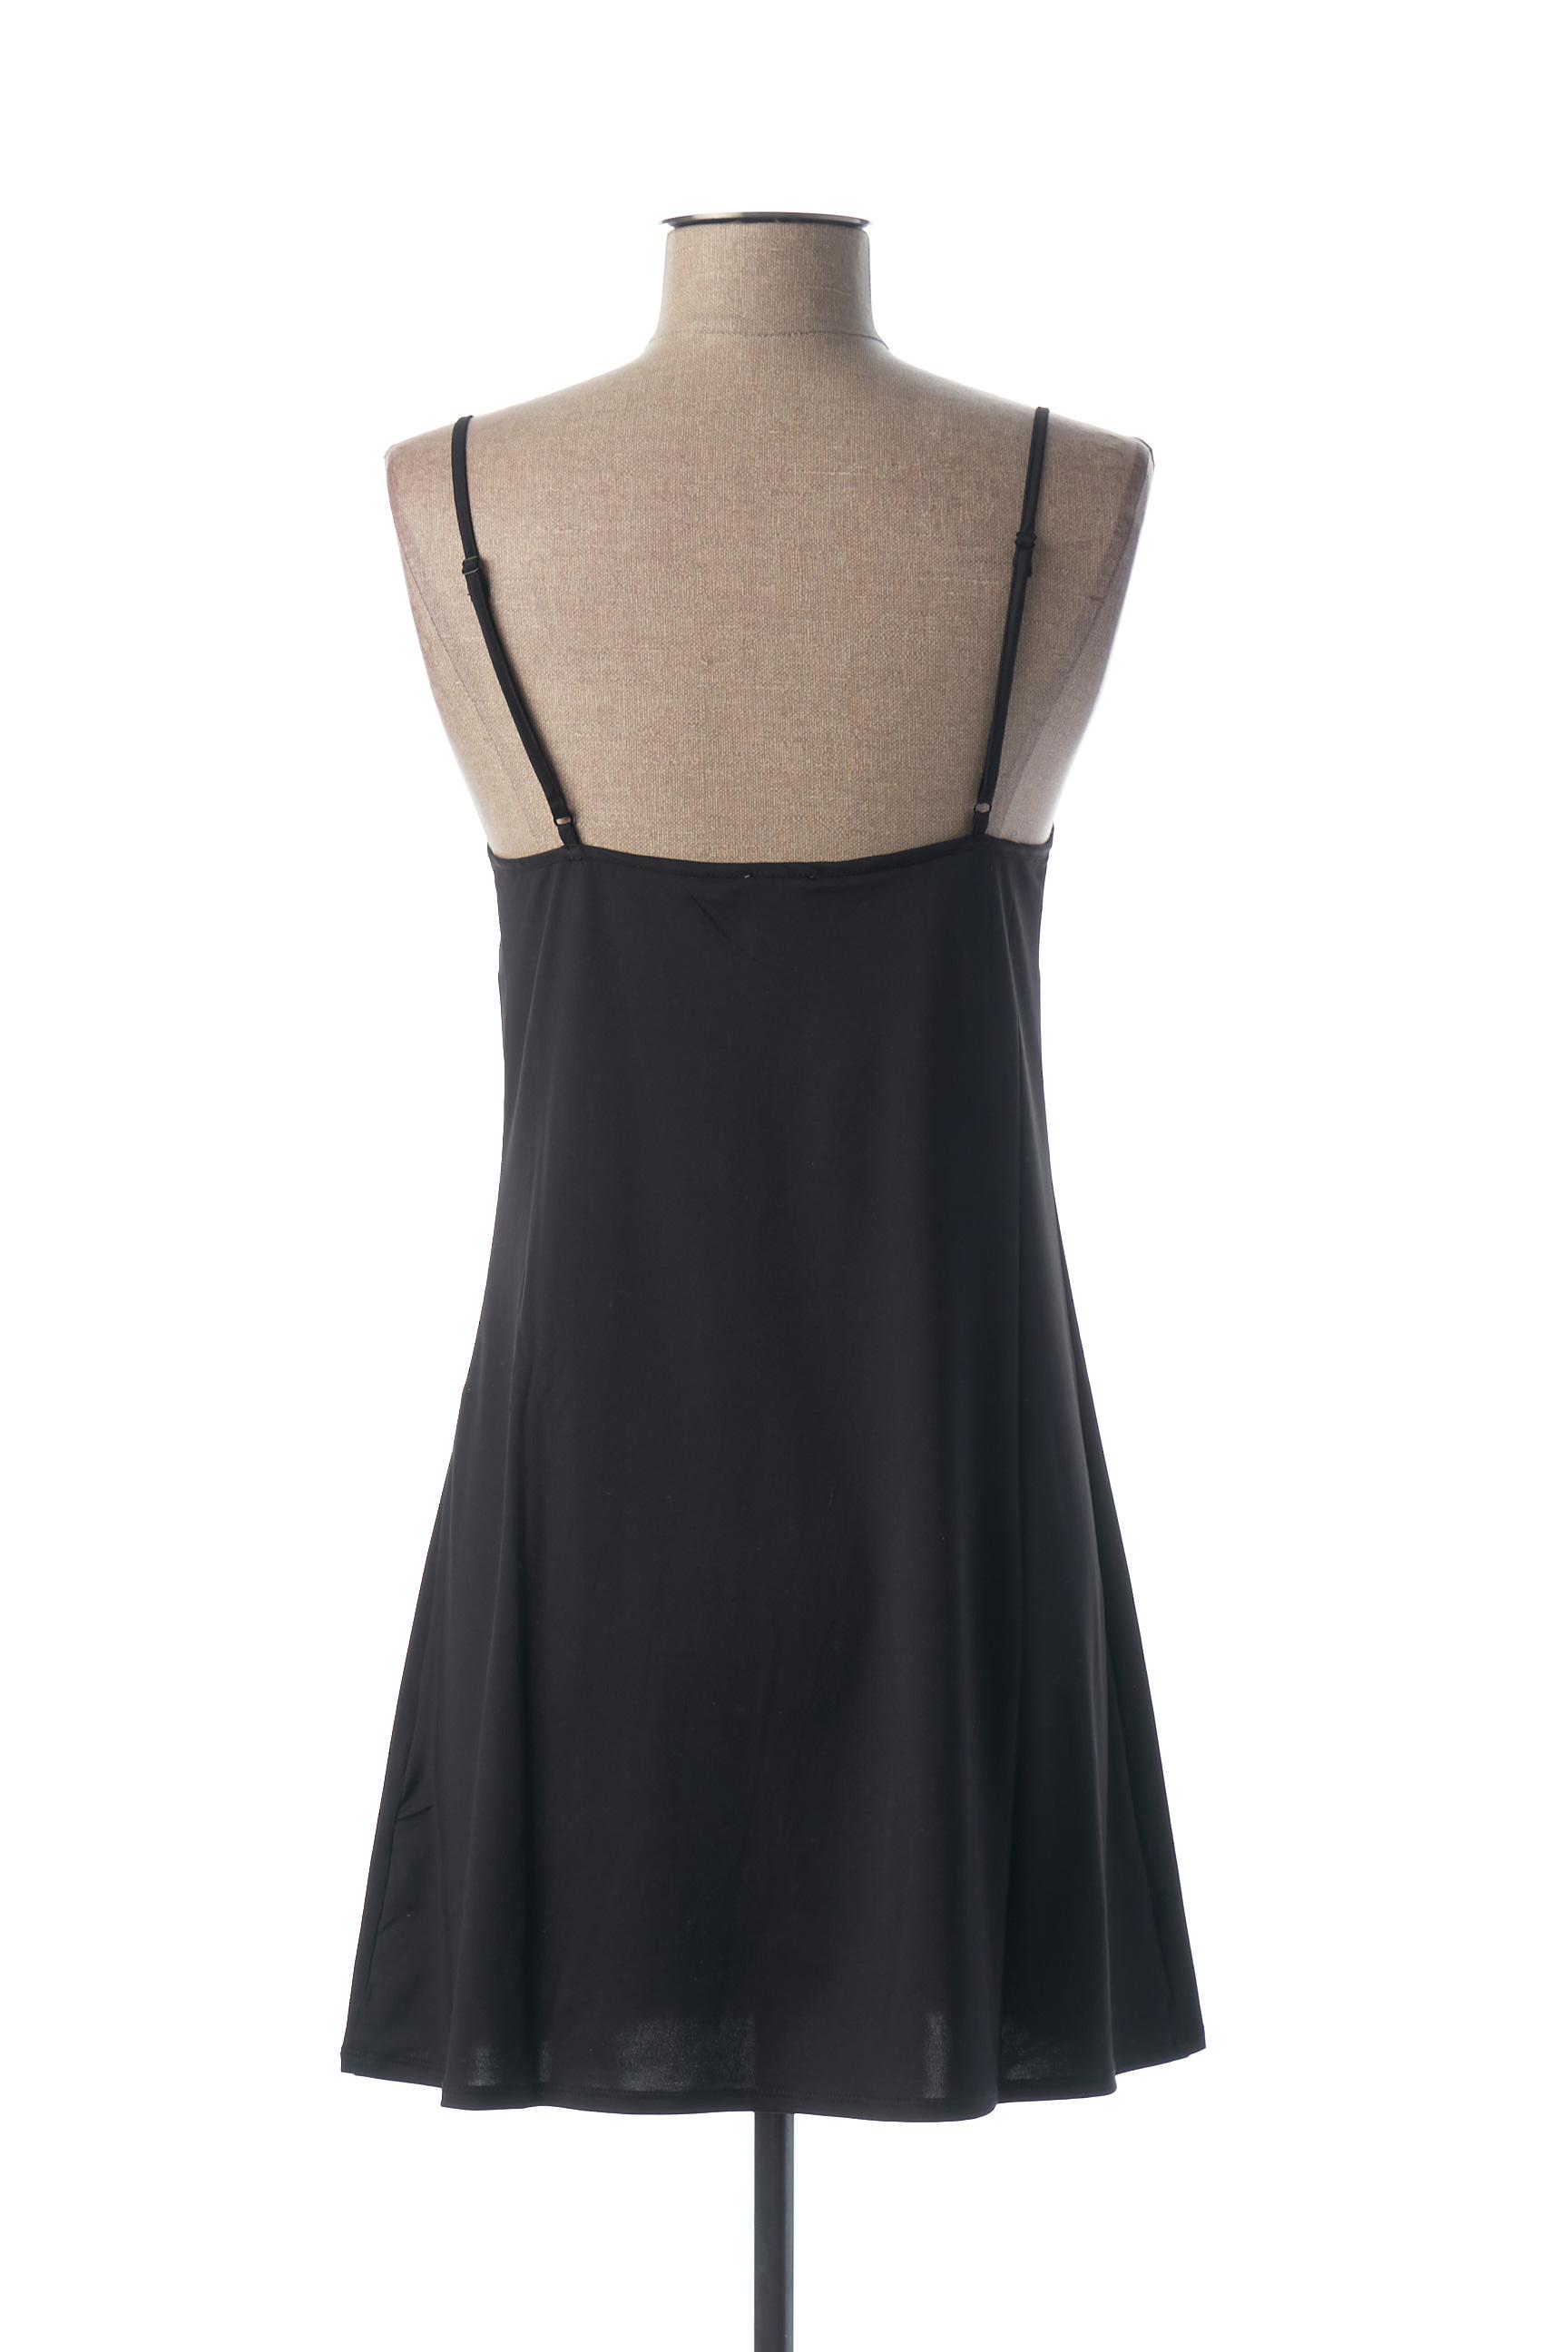 Rose Pomme Jupons Fonds De Robe Femme De Couleur Noir En Soldes Pas Cher 1453250 Noir00 Modz